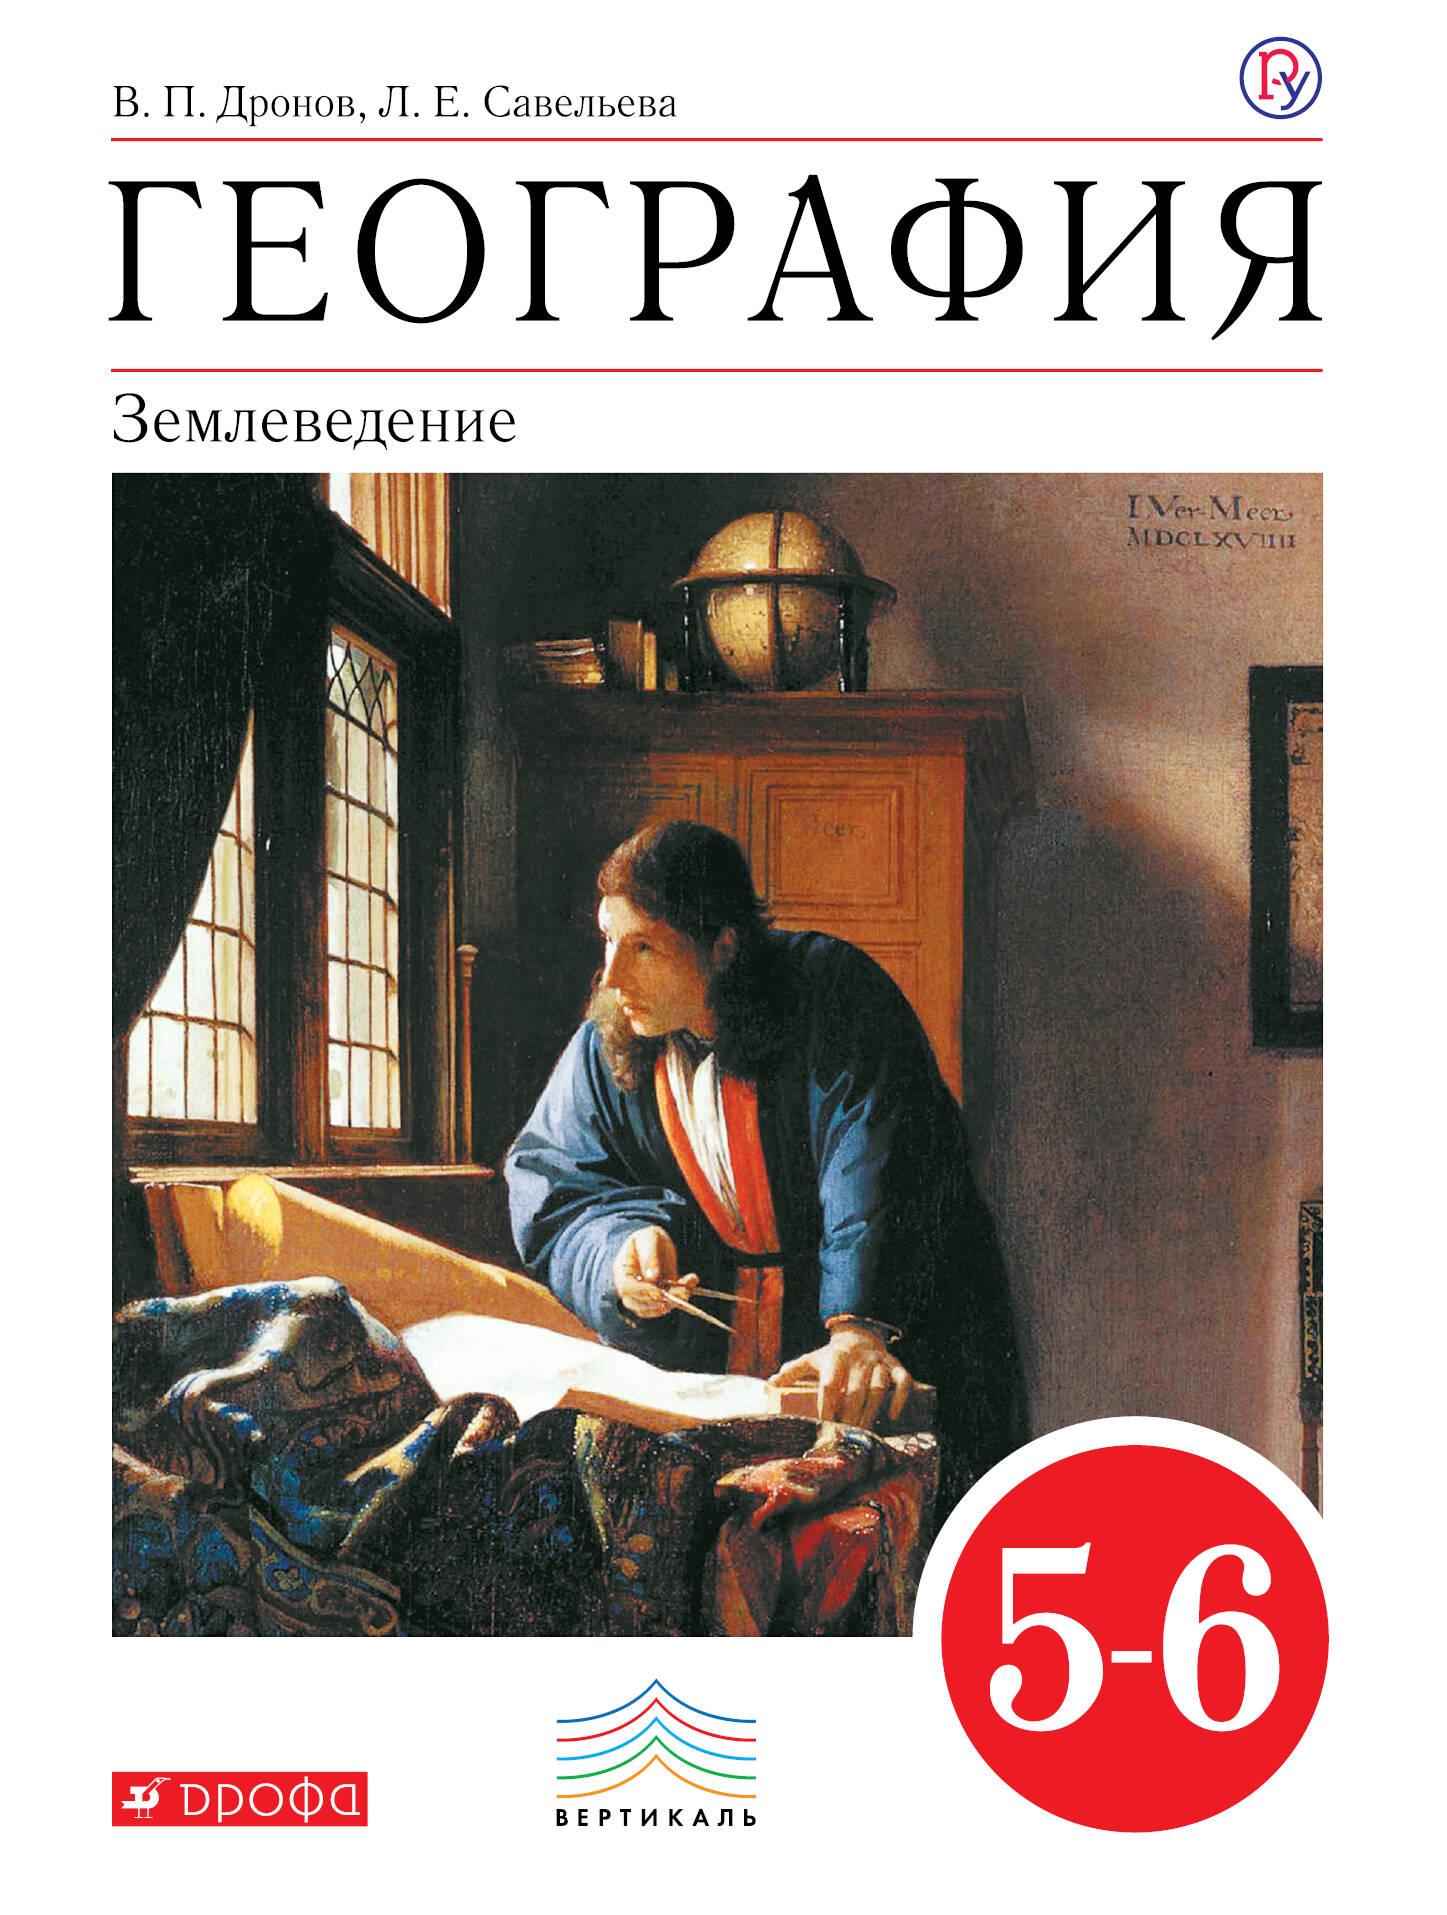 УЧЕБНИК ГЕОГРАФИЯ ДРОНОВ 5-6 КЛАСС СКАЧАТЬ БЕСПЛАТНО